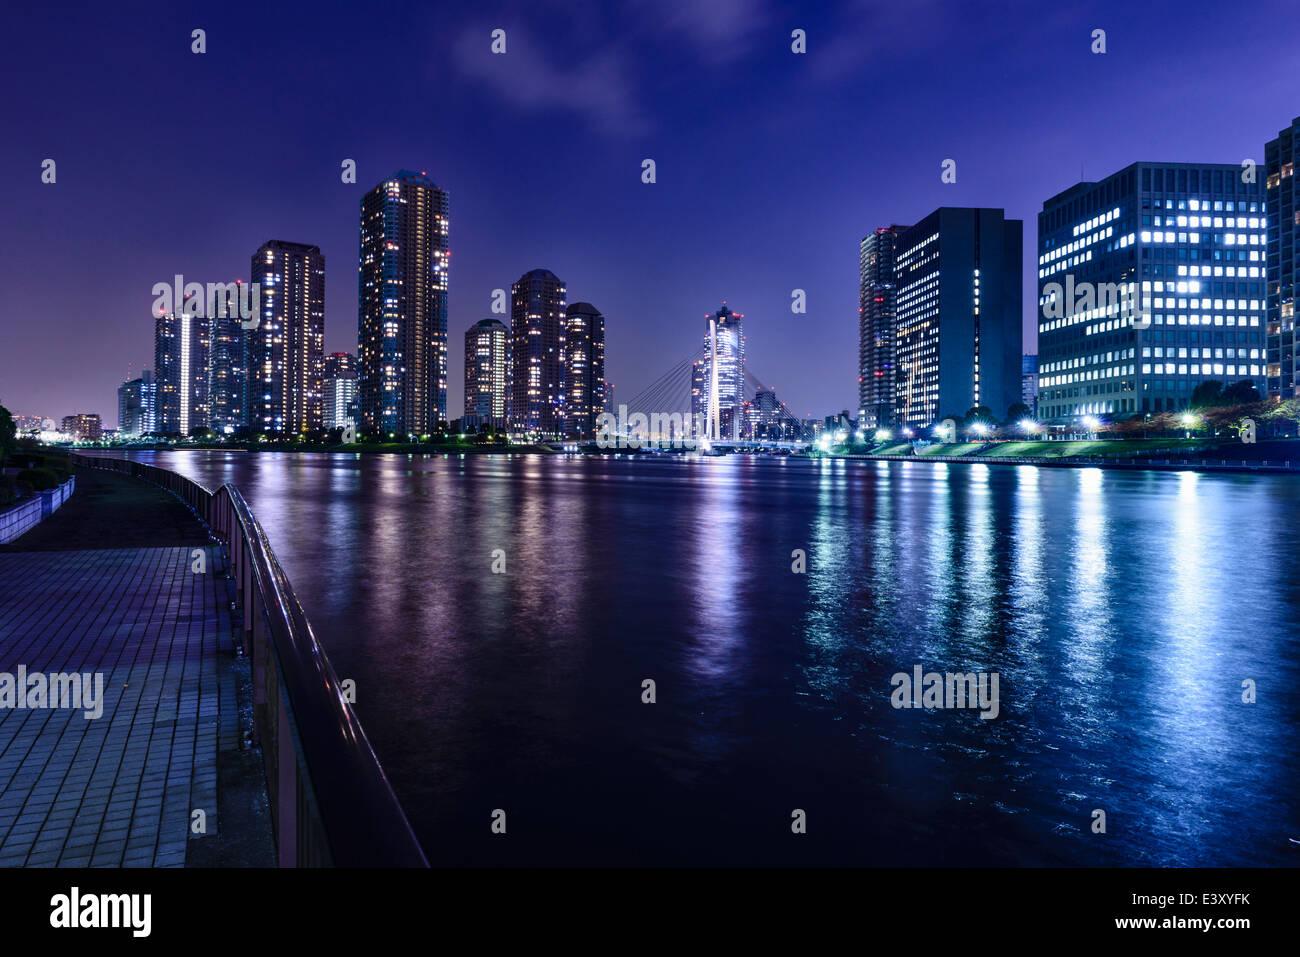 Silhouette der Tokioter Skyline leuchtet in der Nacht, Tokyo, Japan Stockbild